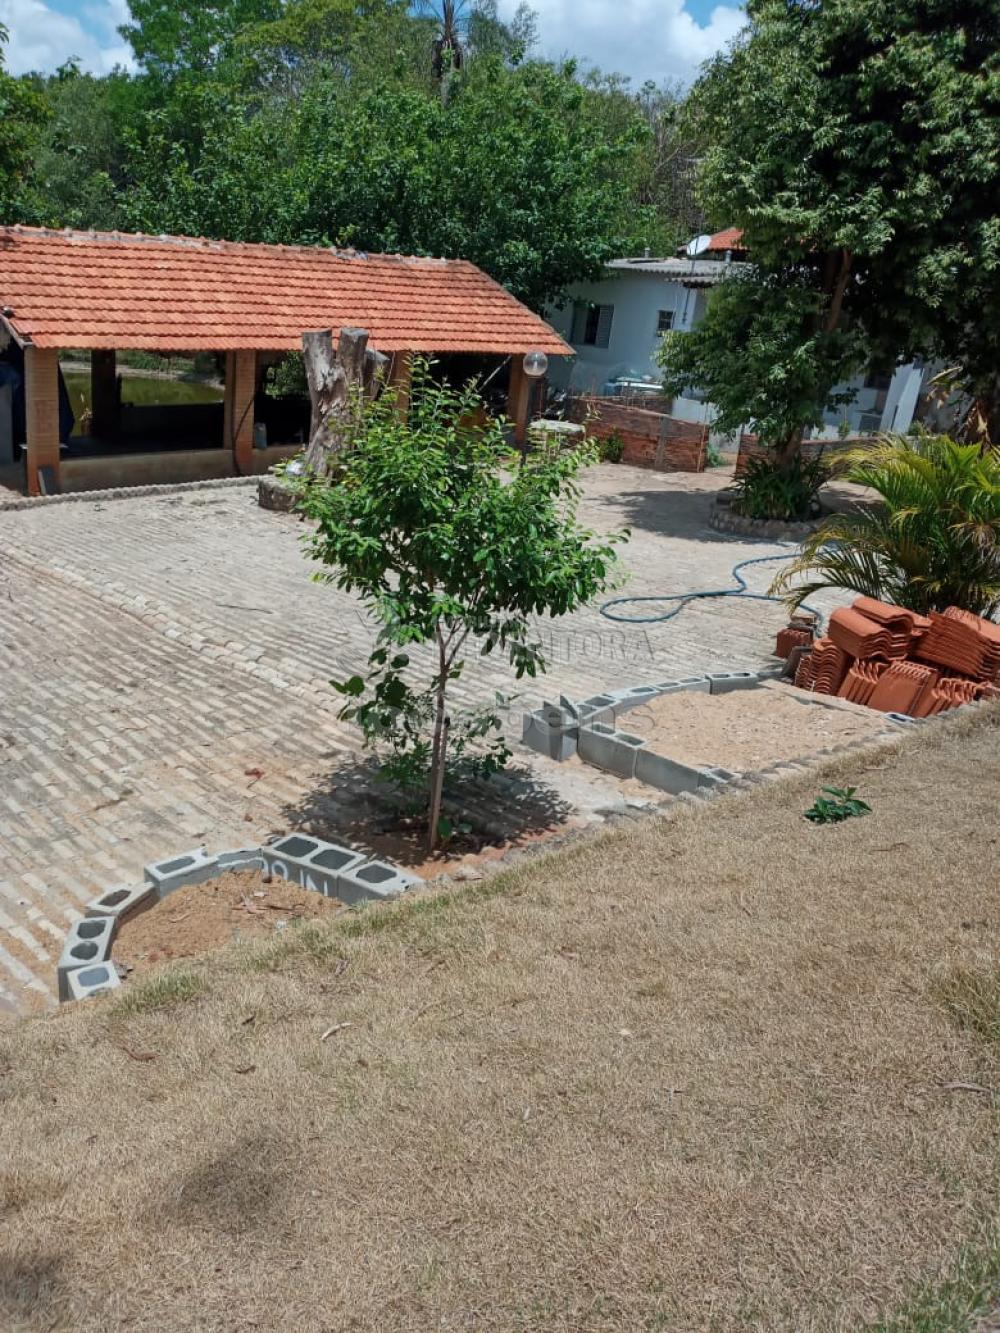 Comprar Rural / Chácara em São José do Rio Preto R$ 650.000,00 - Foto 31